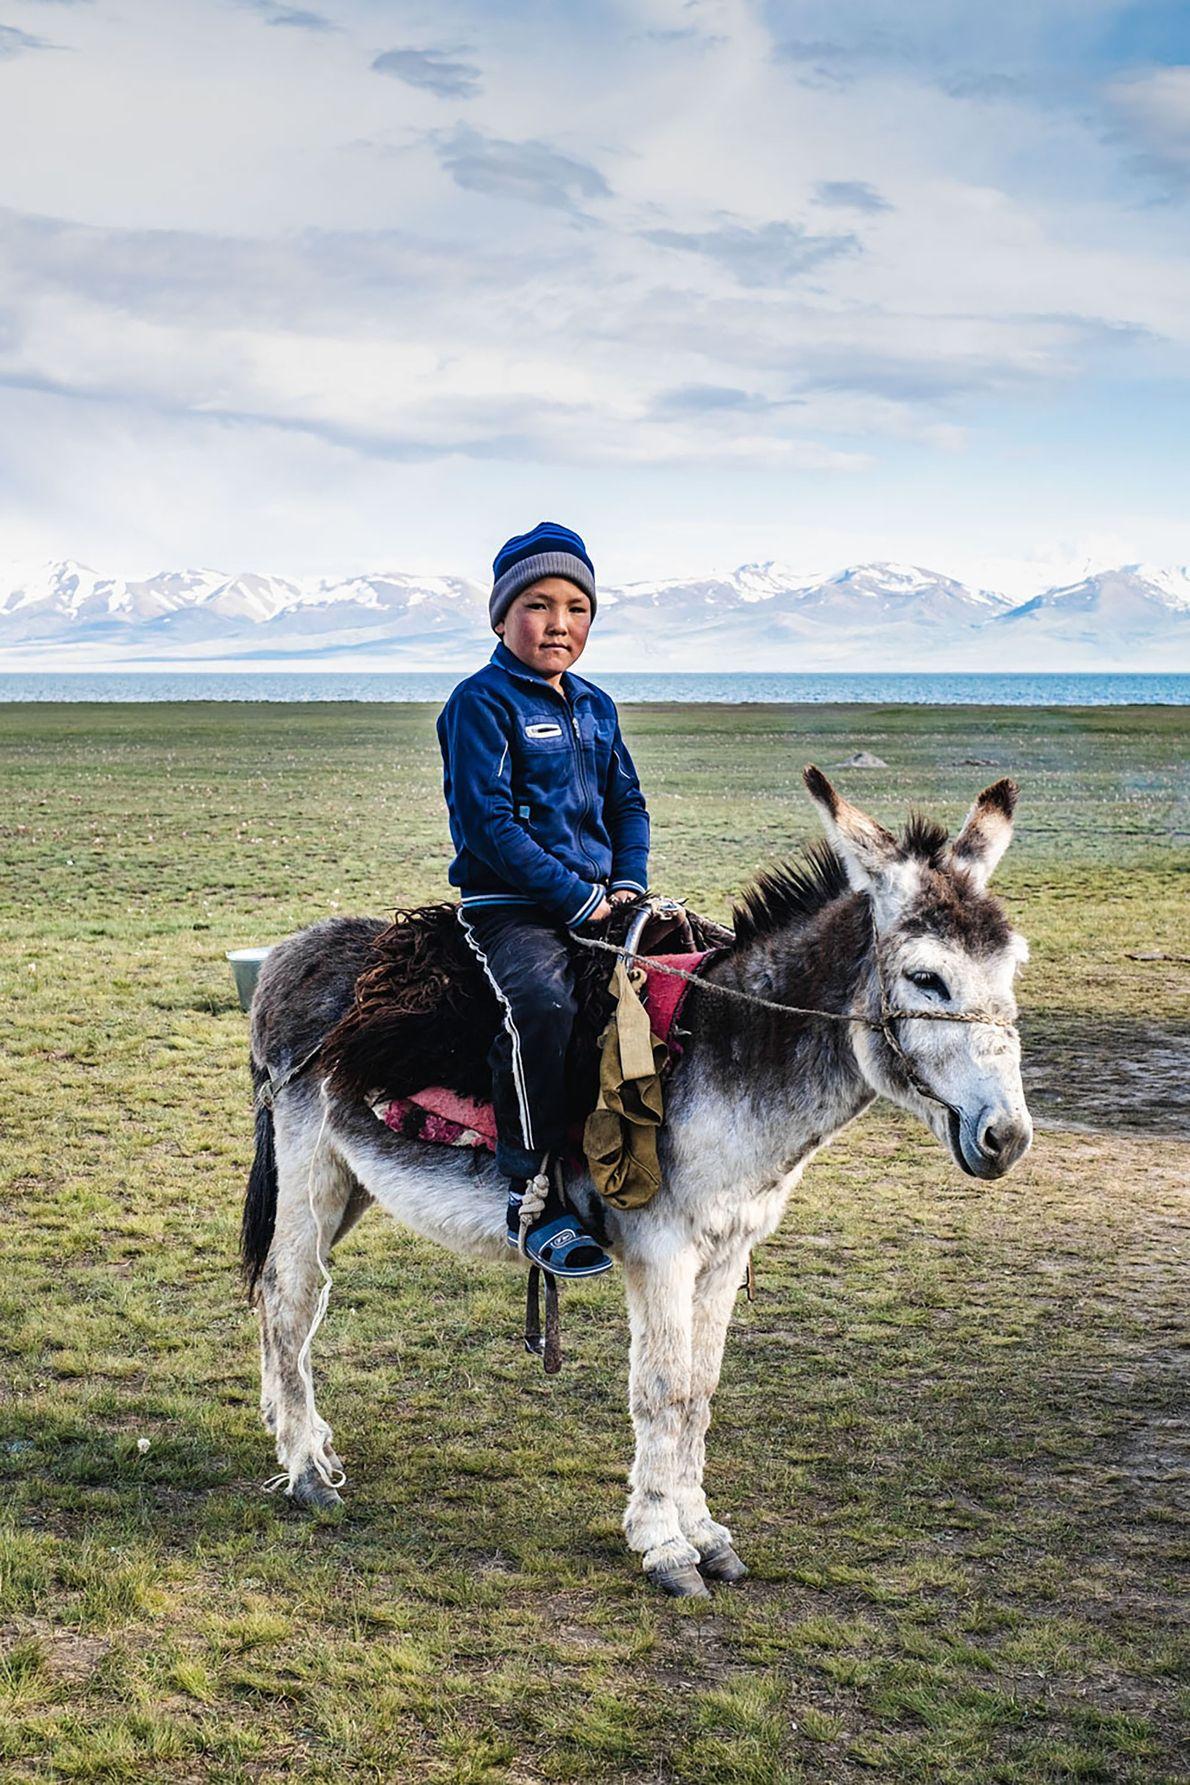 Umutkor's younger sun, Aibek, proudly sits on his donkey.